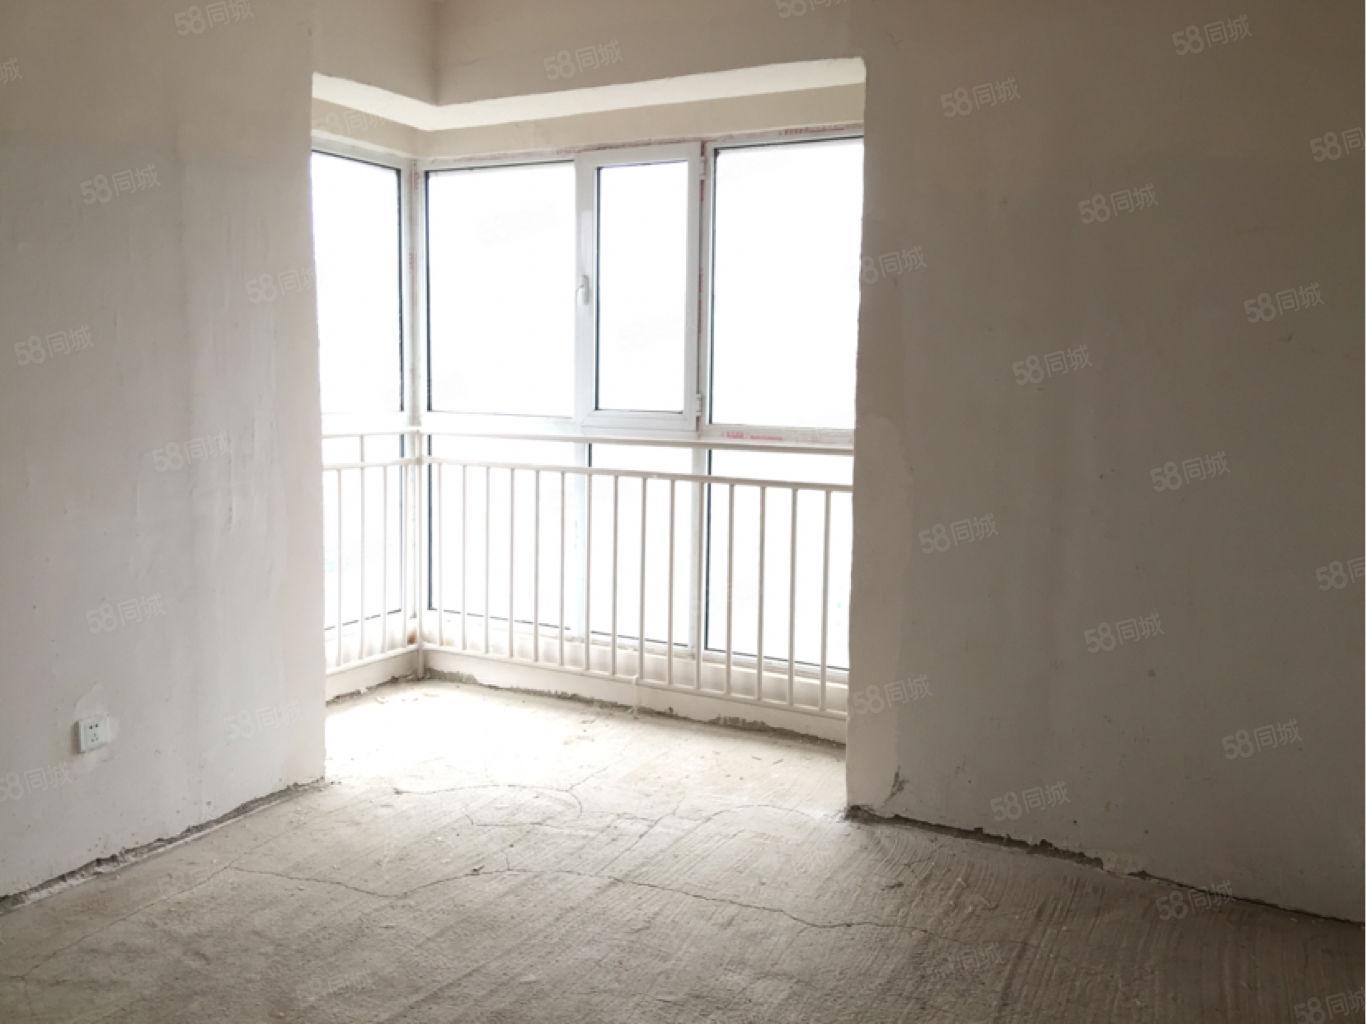 出售三易花園三室兩廳兩衛南北通透全明戶型